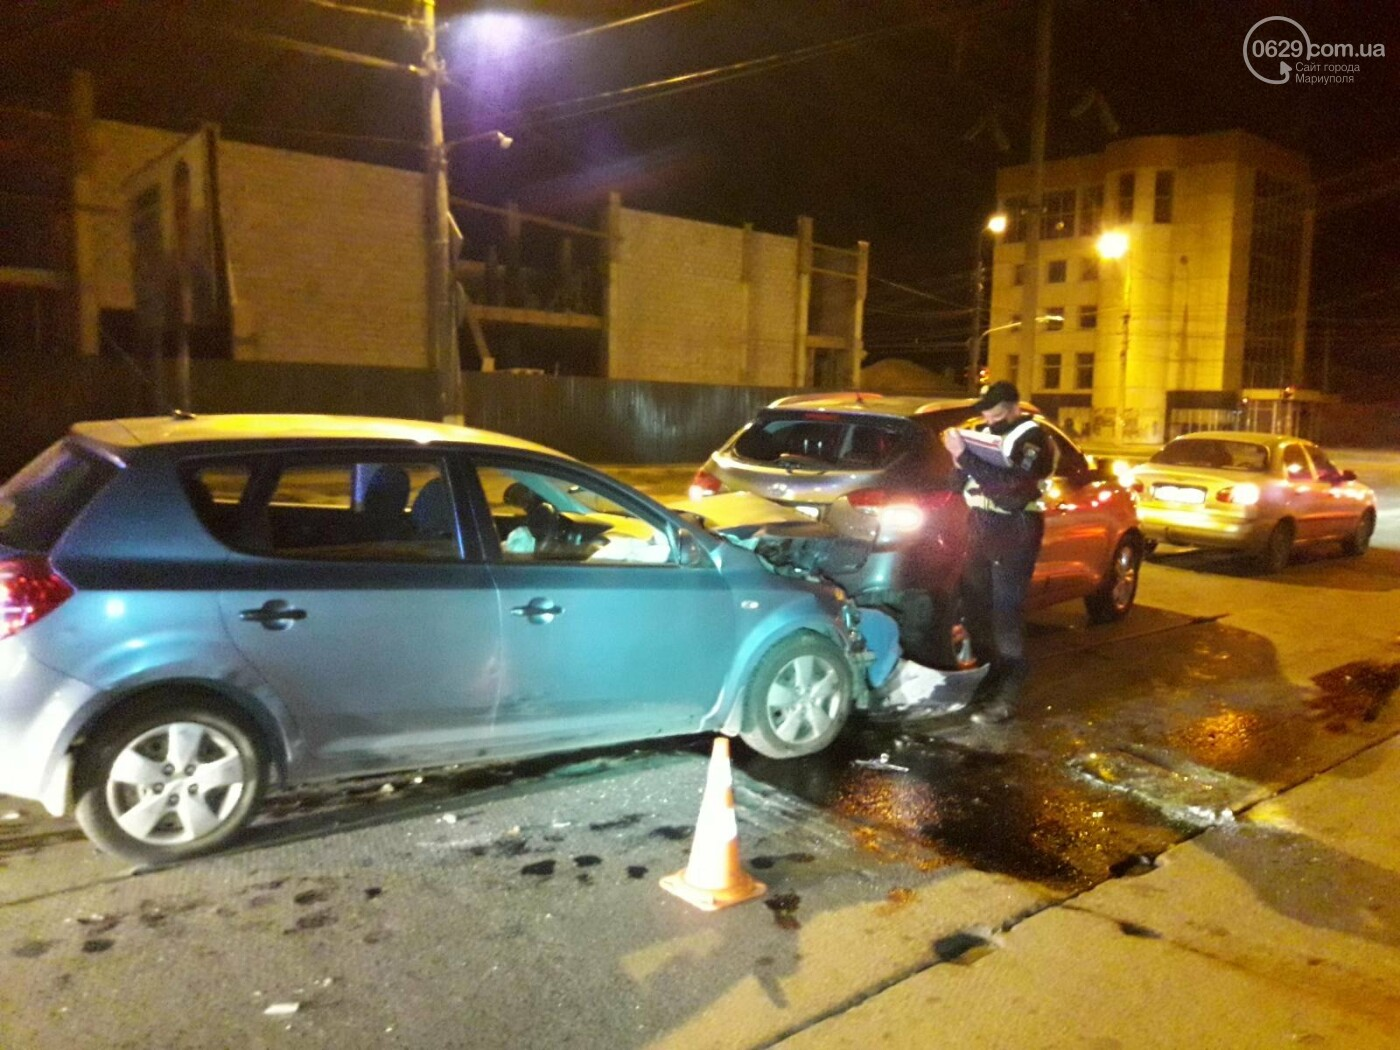 """Тройное ДТП в Мариуполе. Пьяный на """"КИА"""" протаранил два автомобиля, - ФОТО, фото-5"""